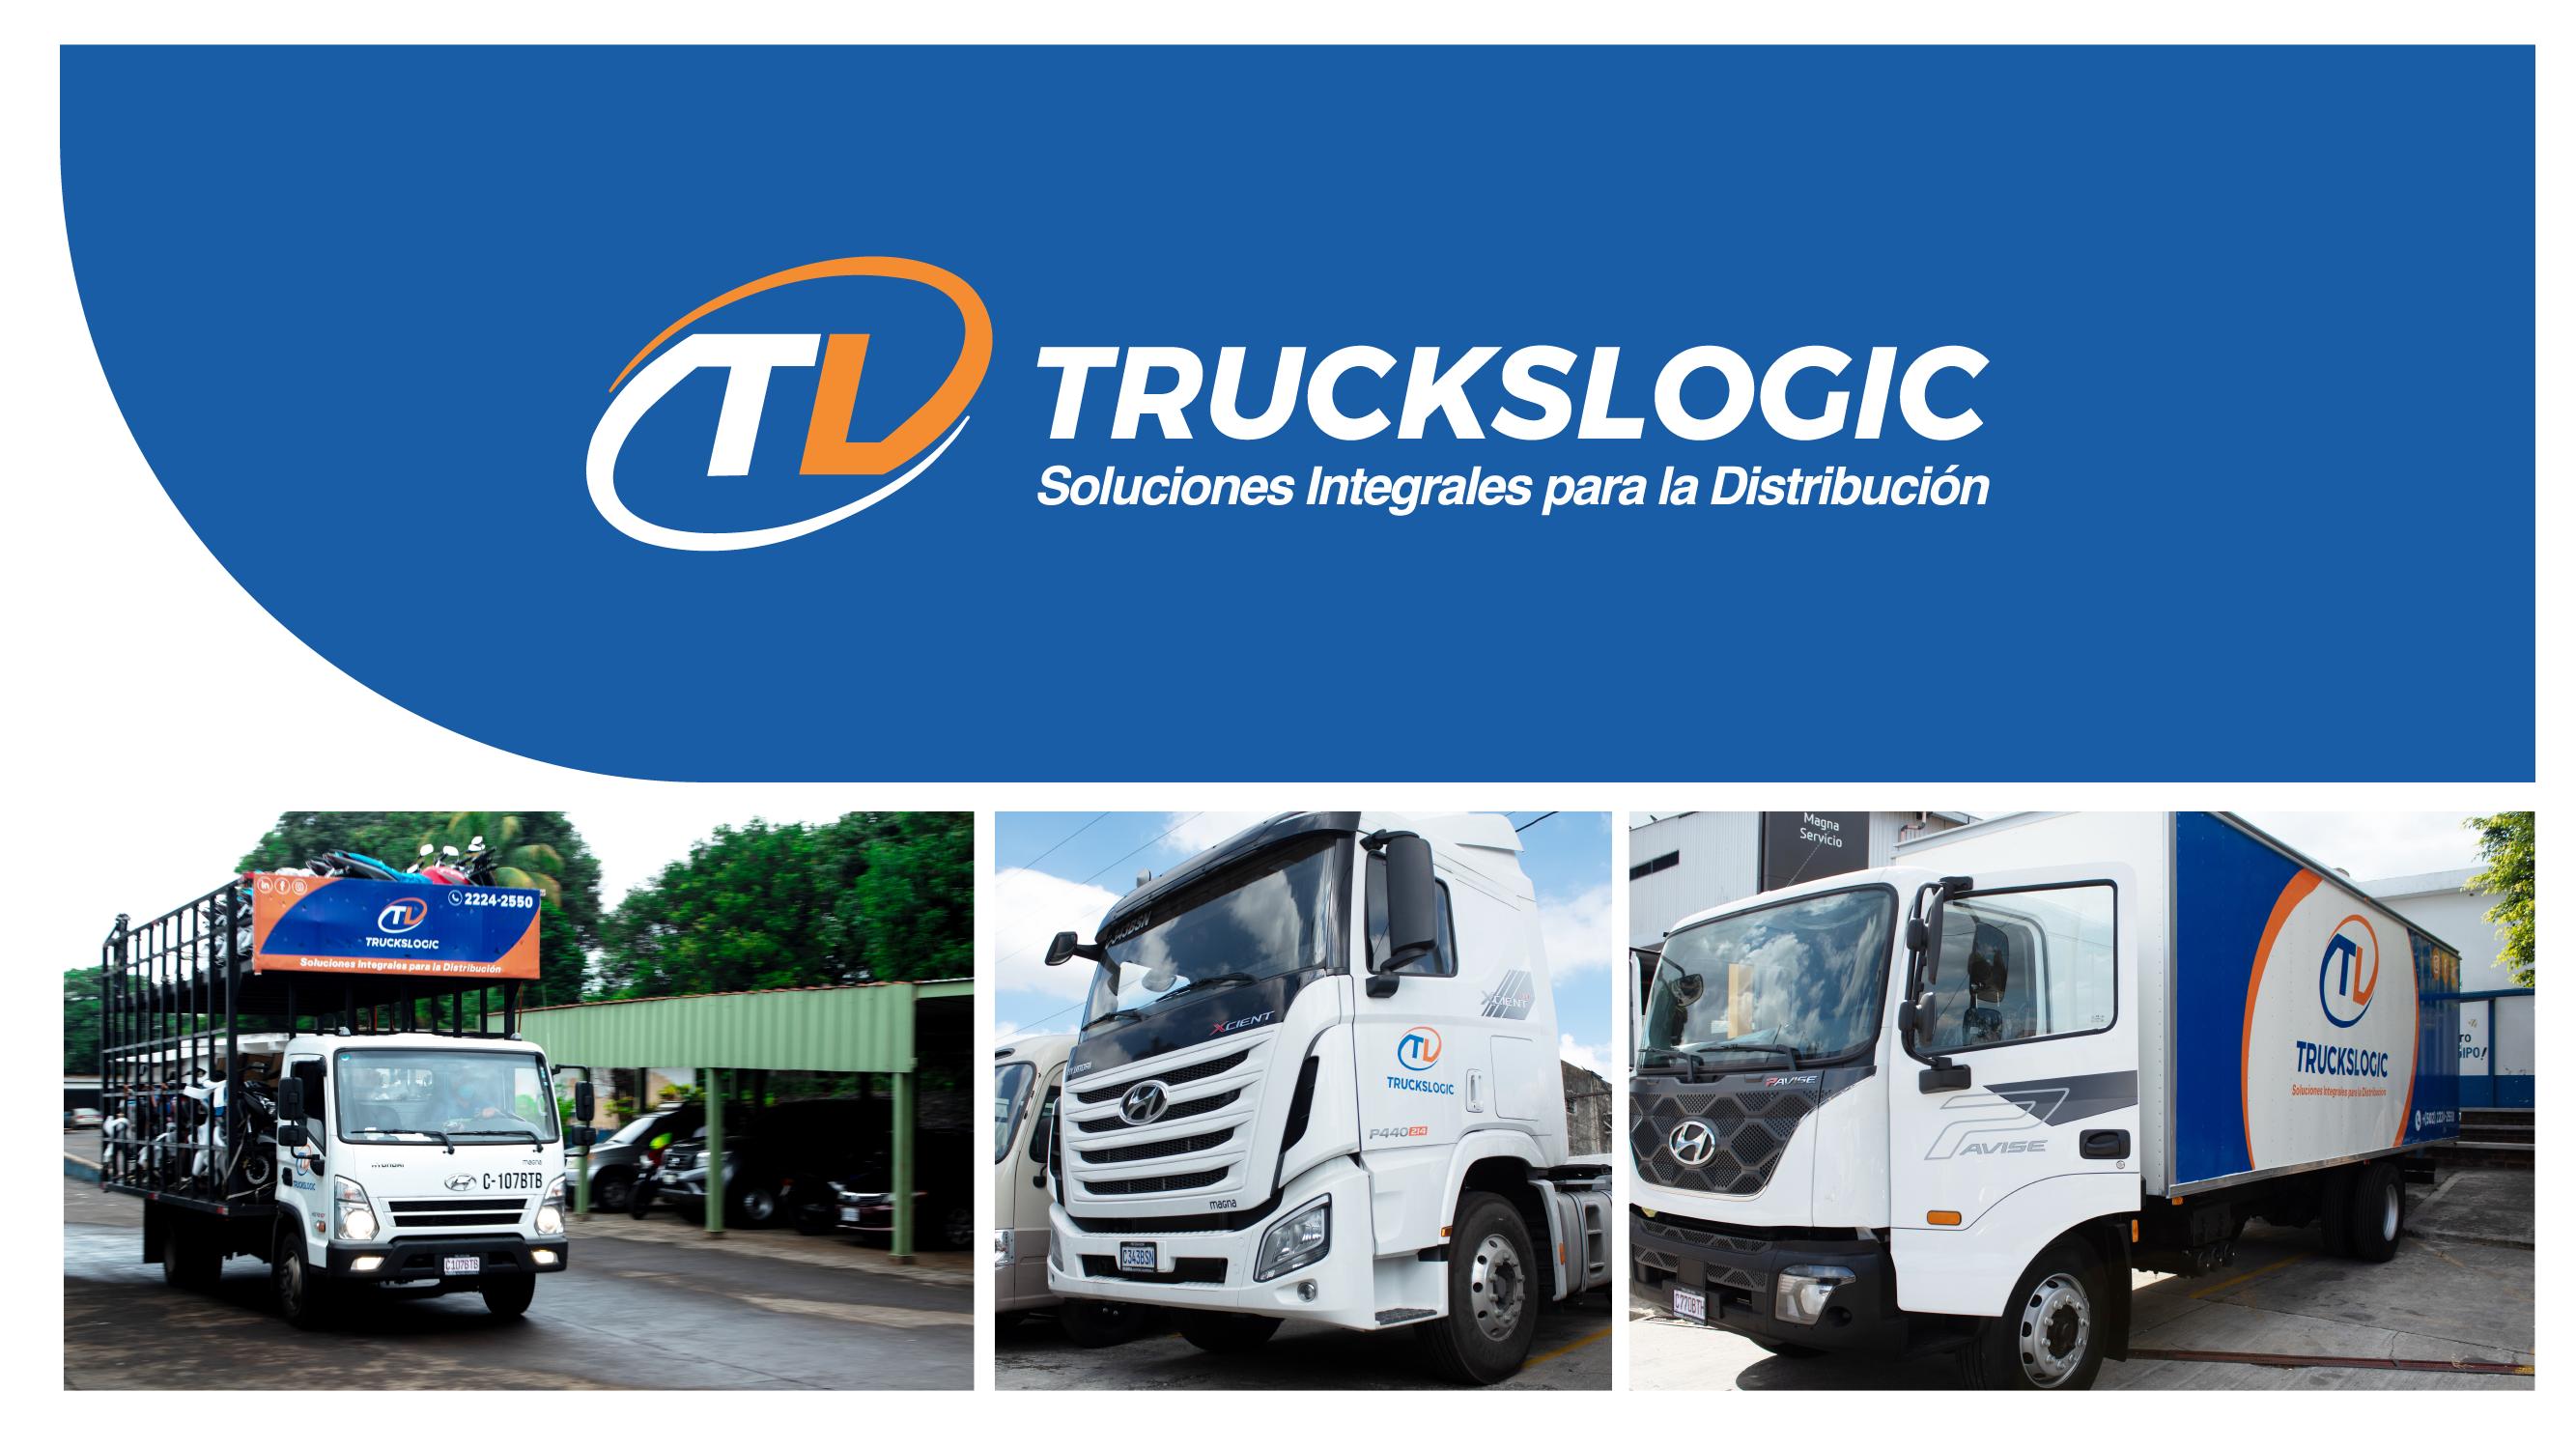 Truckslogic, el líder de distribución en última milla, ha llegado a Guatemala